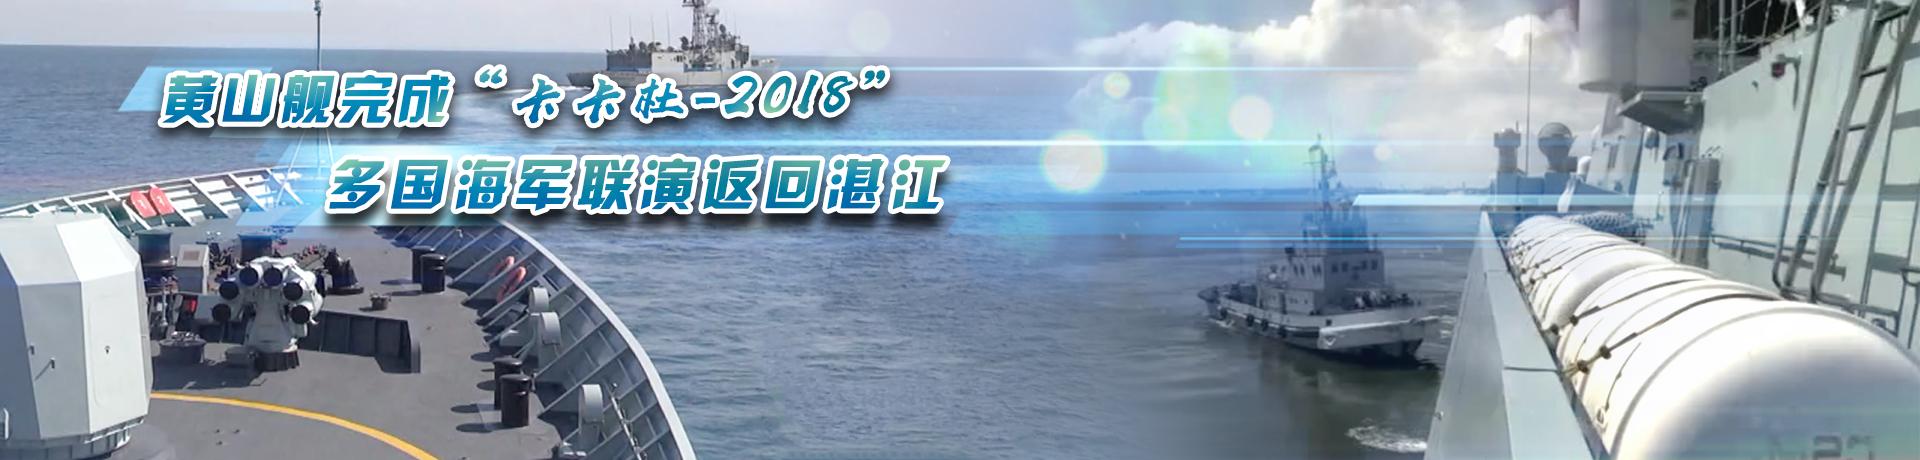 """黄山舰完成""""卡卡杜-2018""""多国海军联演返回湛江"""